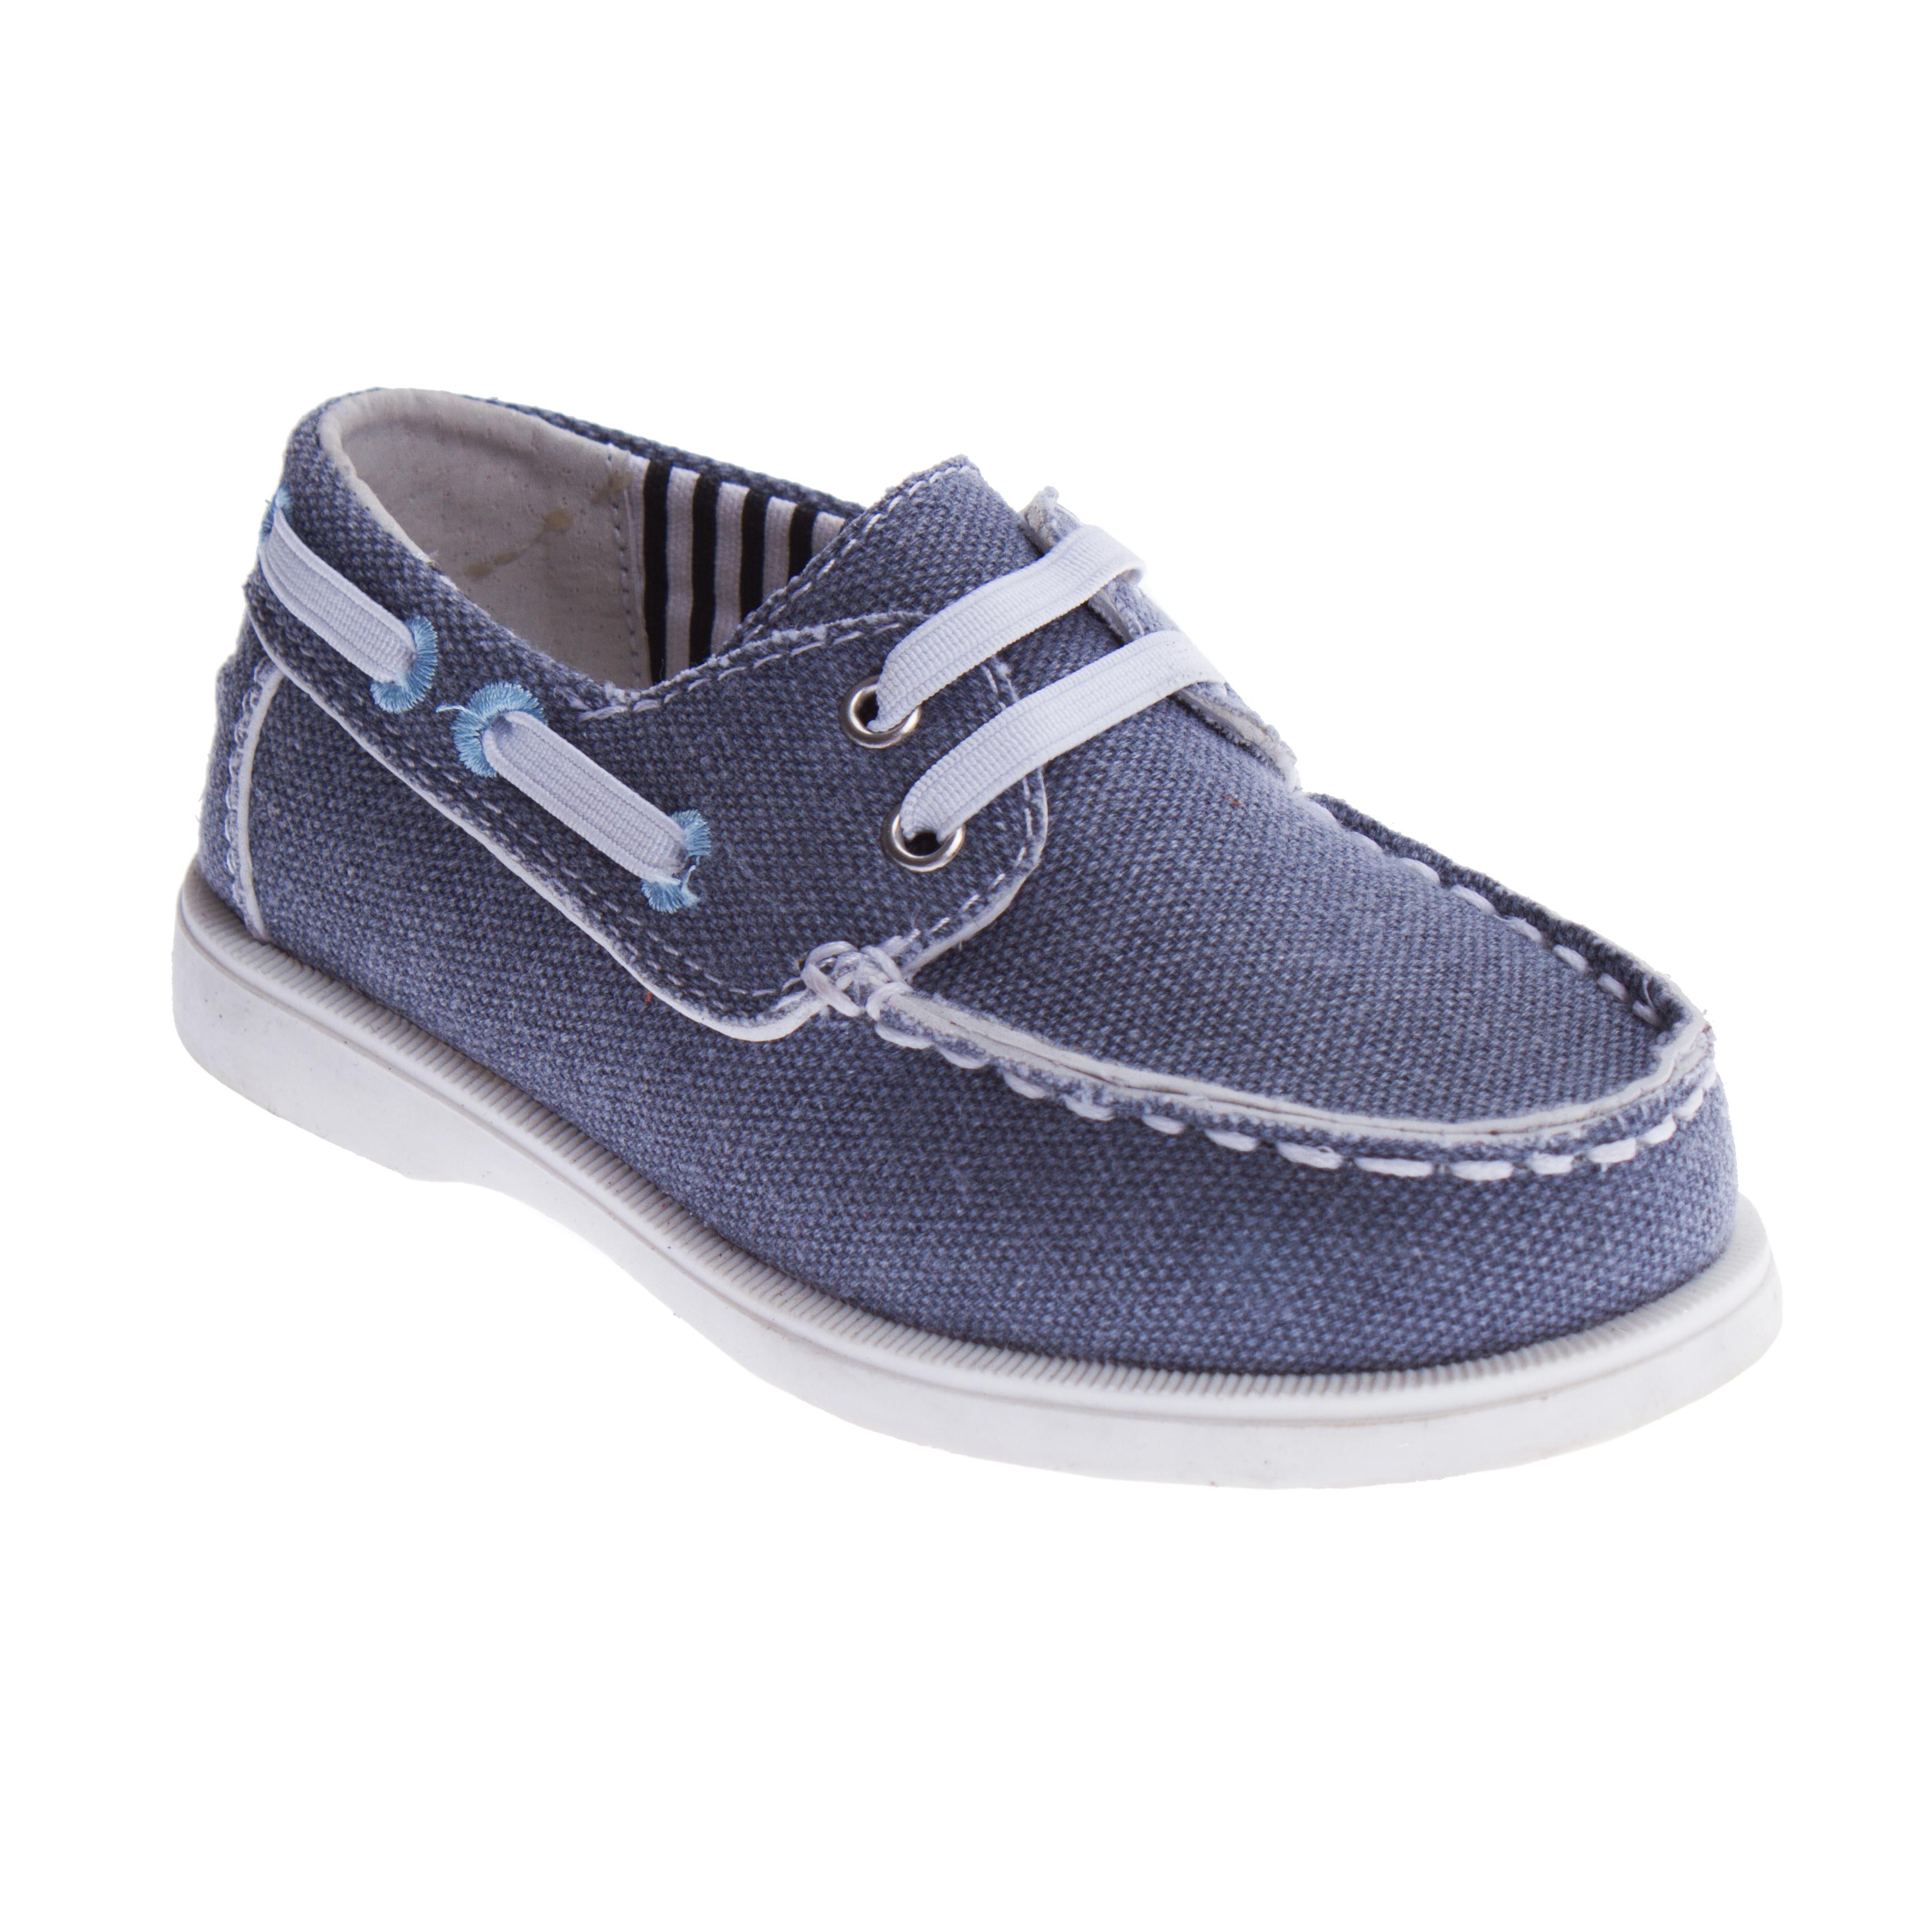 2a989ceb8 161207 Синие полуботинки для мальчика PlayToday - купить на odevaika.ru